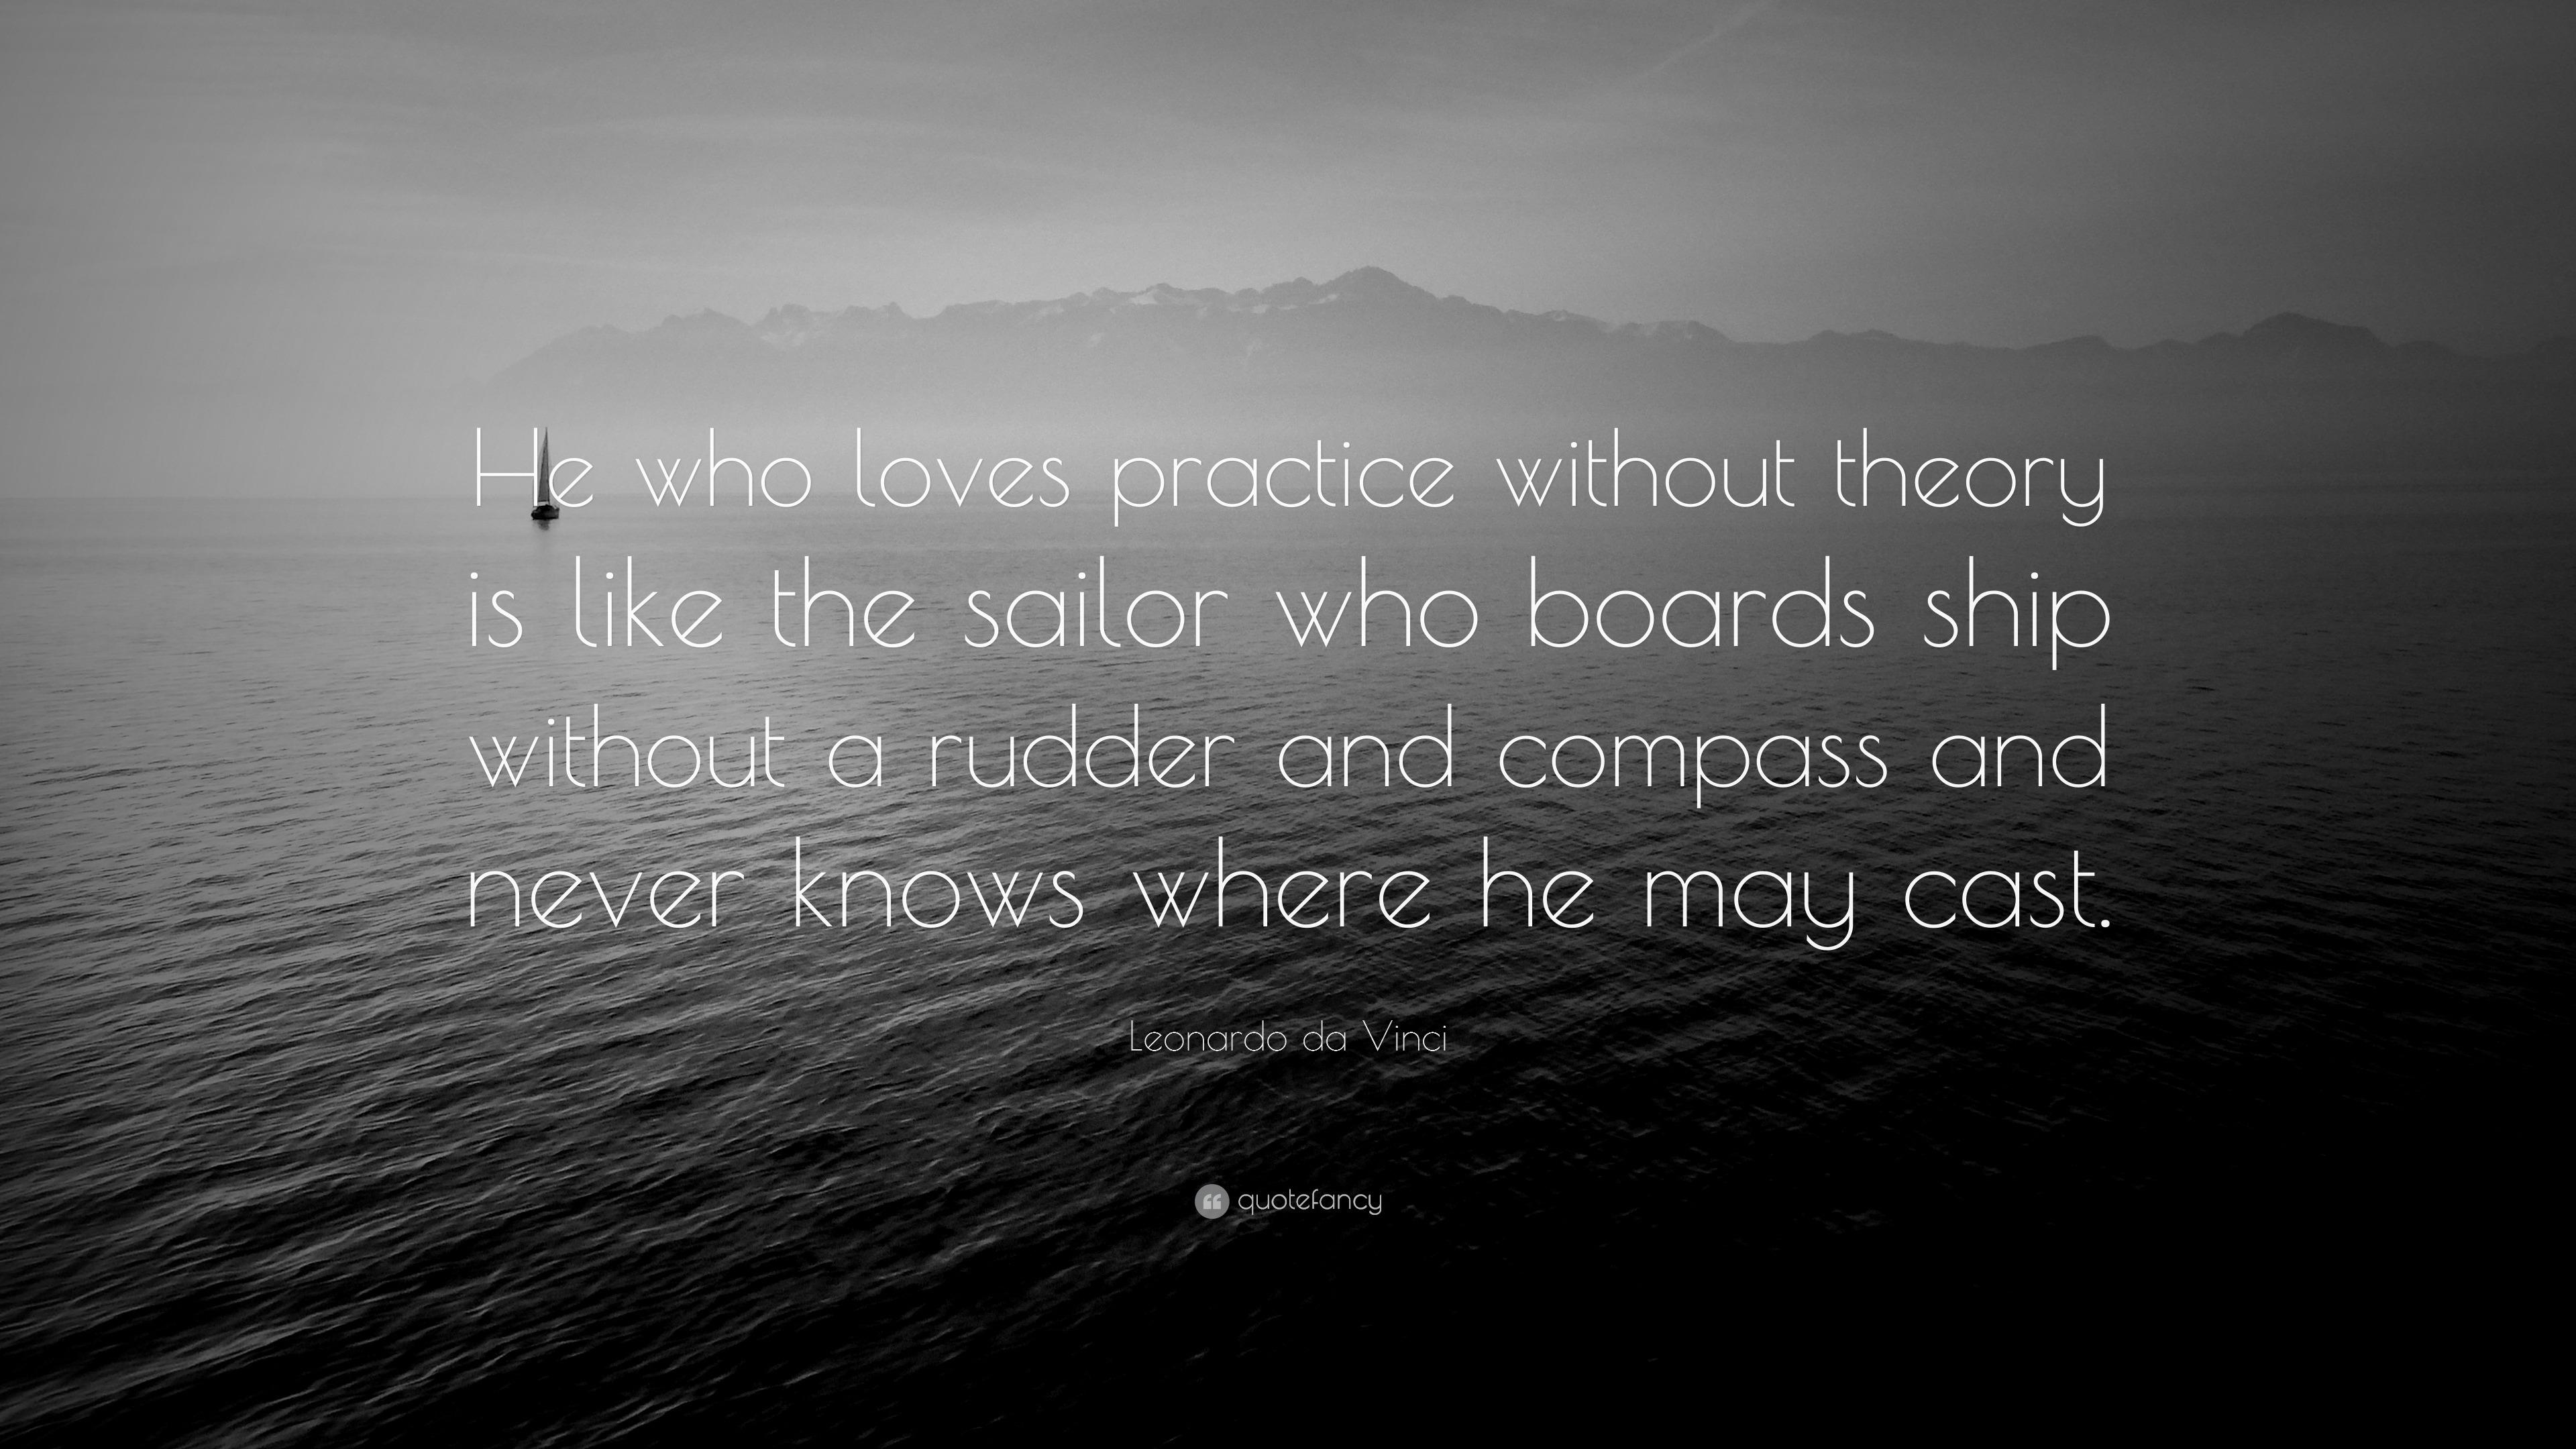 He Leonardo Da Vinci Quotes